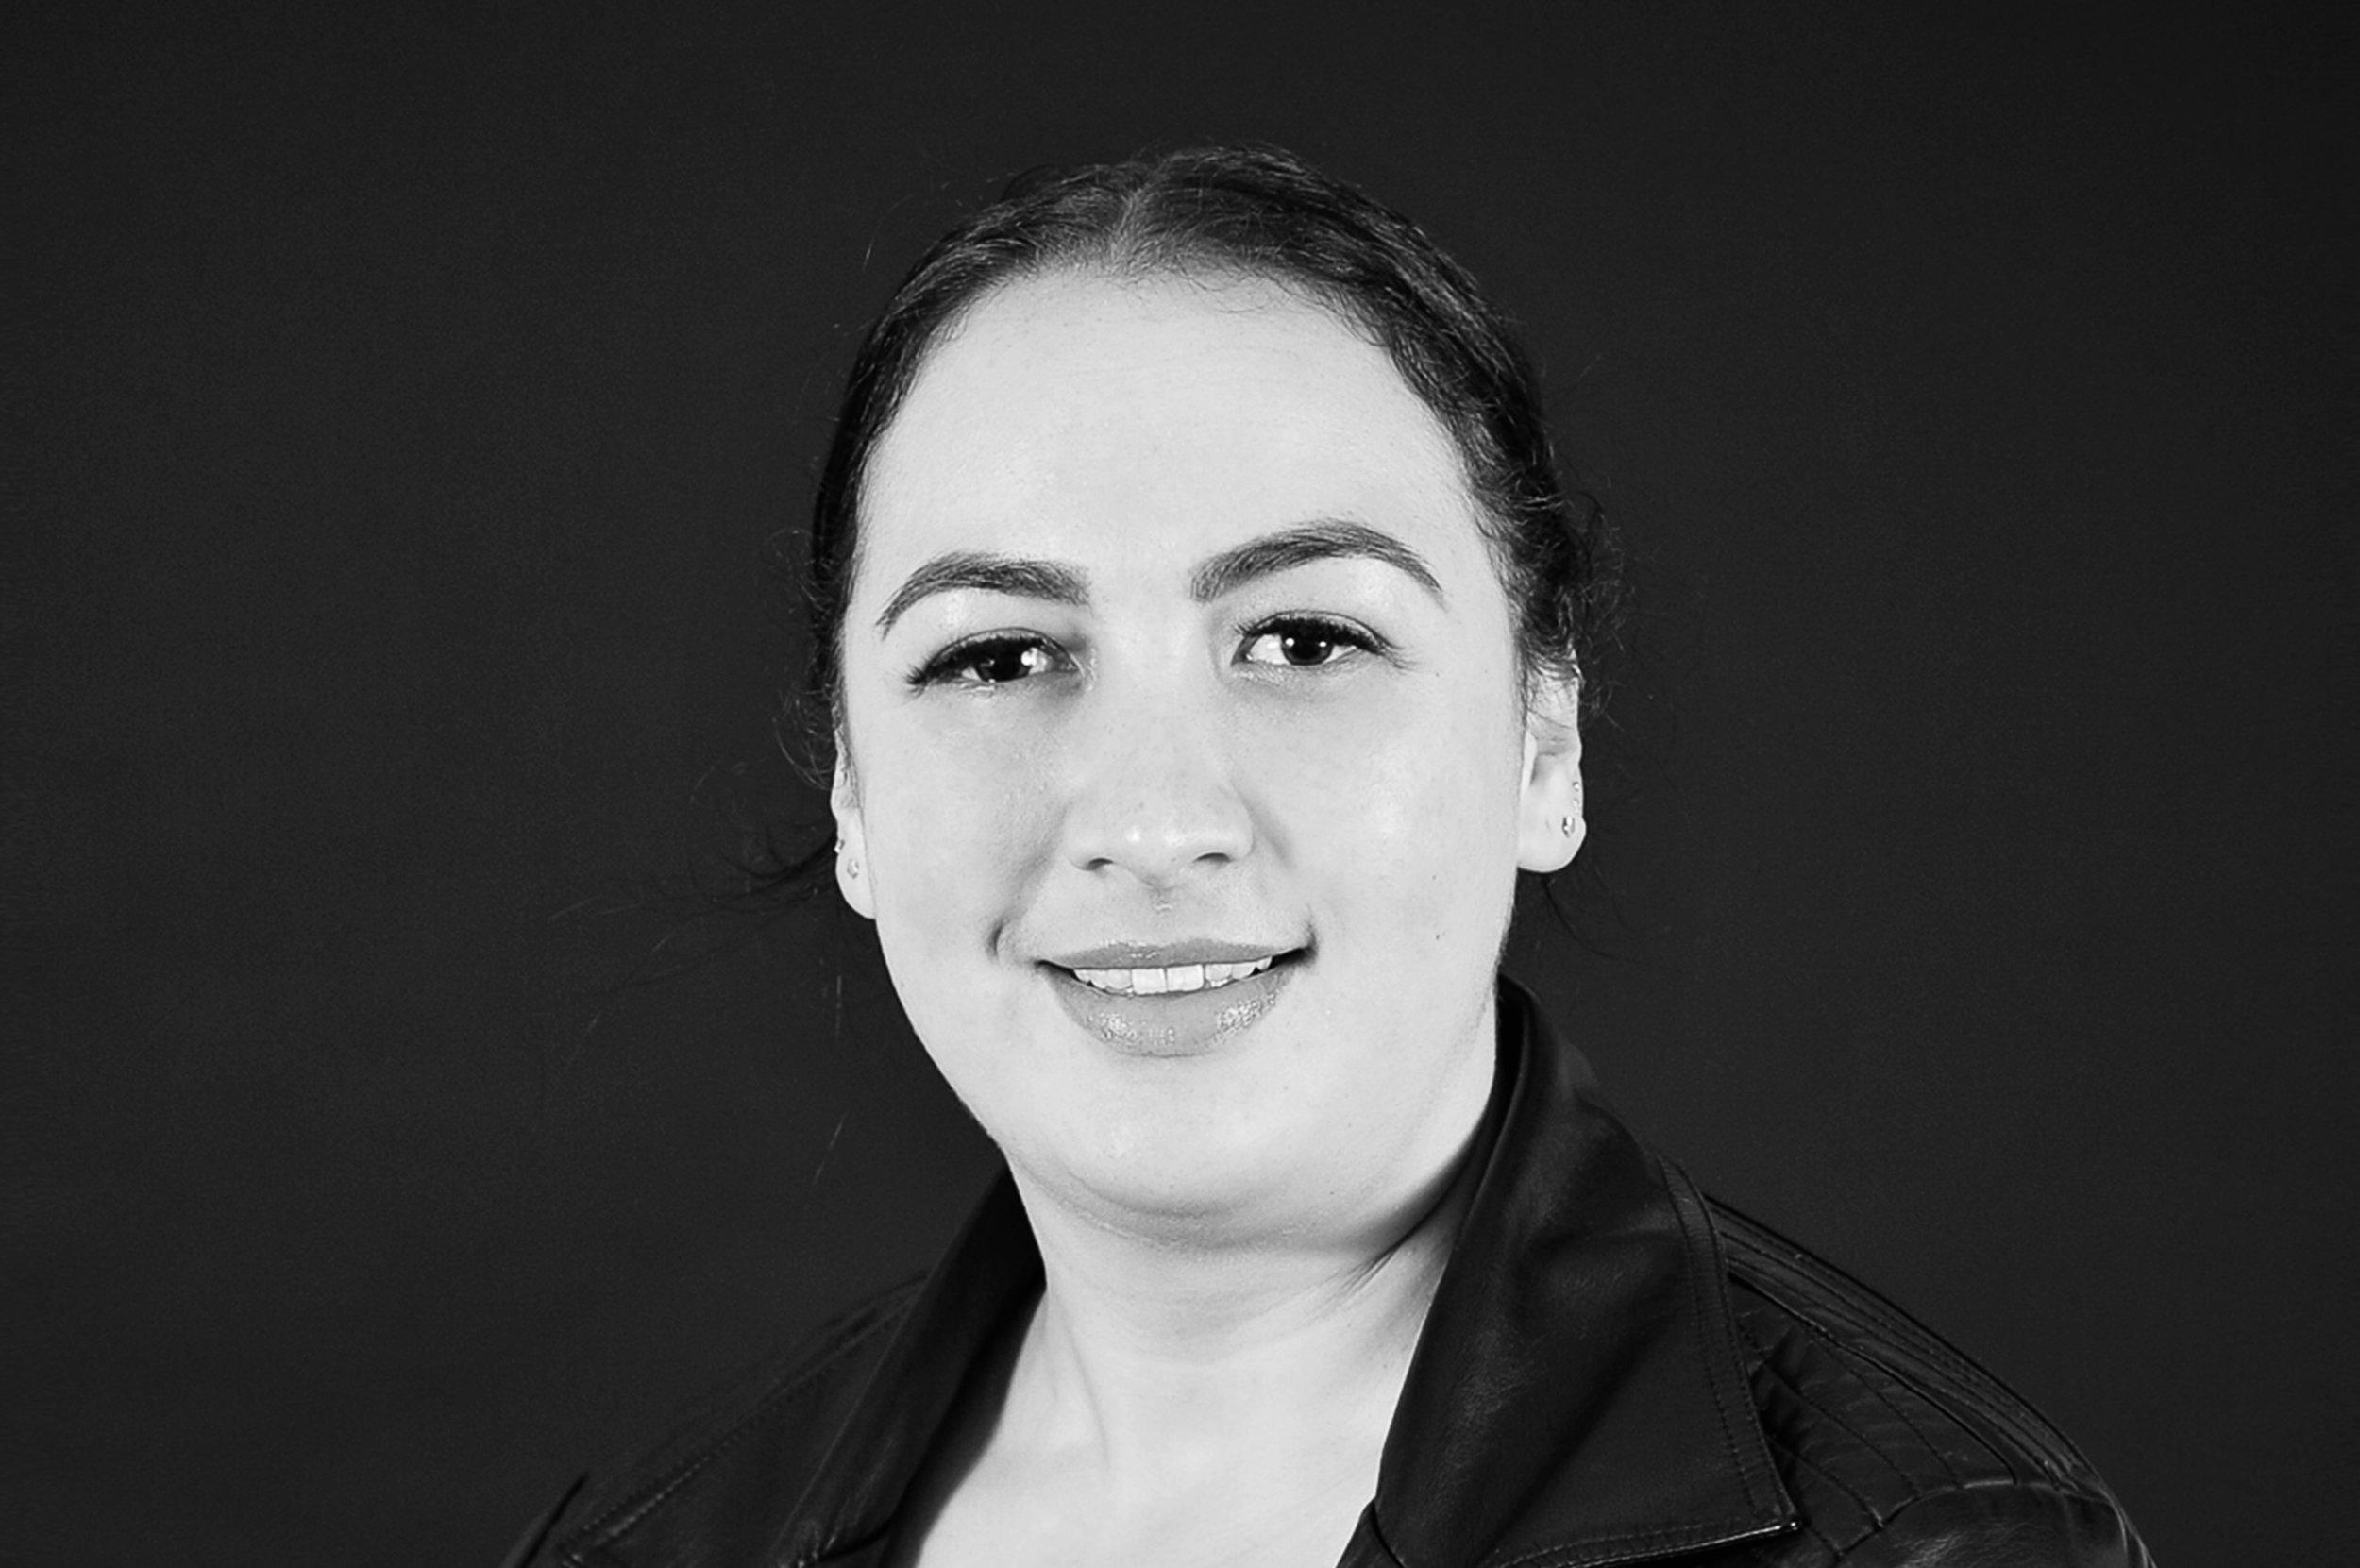 Article author Mapihi Martin-Paul (Ngāi Tahu – Ngāi Te Ruahikihiki, Te Arawa – Ngāti Pikiao)